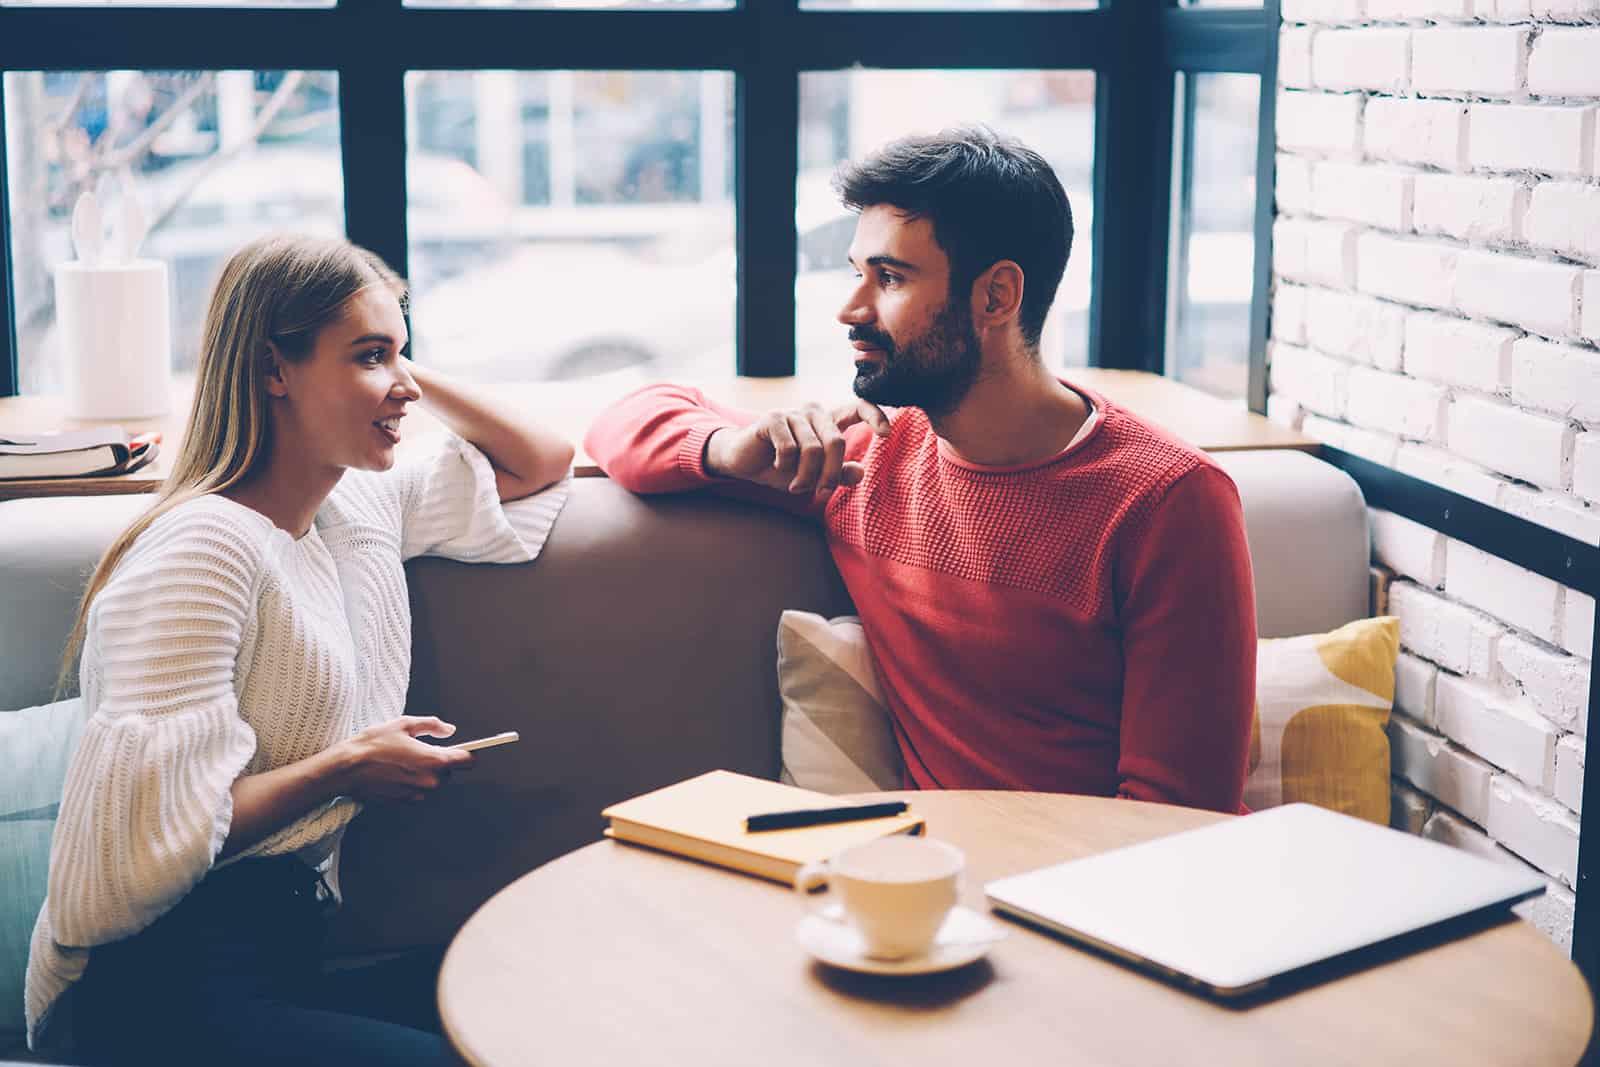 Ein Mann und eine Frau führen ein offenes Gespräch im Café